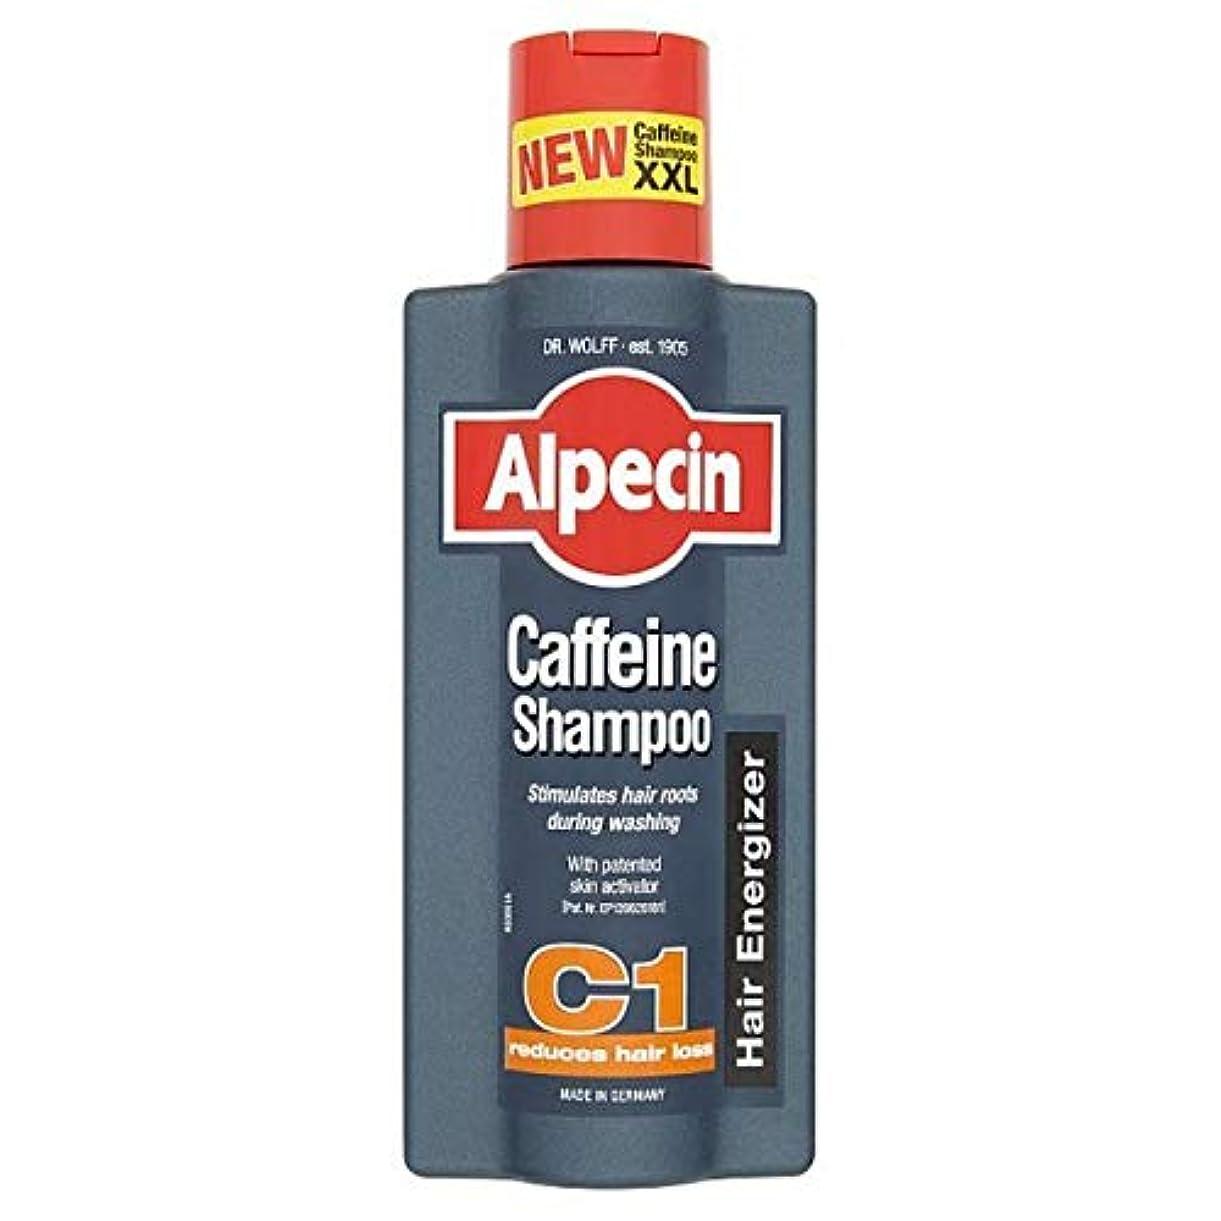 うん規定タック[Alpecin] C1カフェインシャンプー375ミリリットルAlpecin - Alpecin C1 Caffeine Shampoo 375ml [並行輸入品]